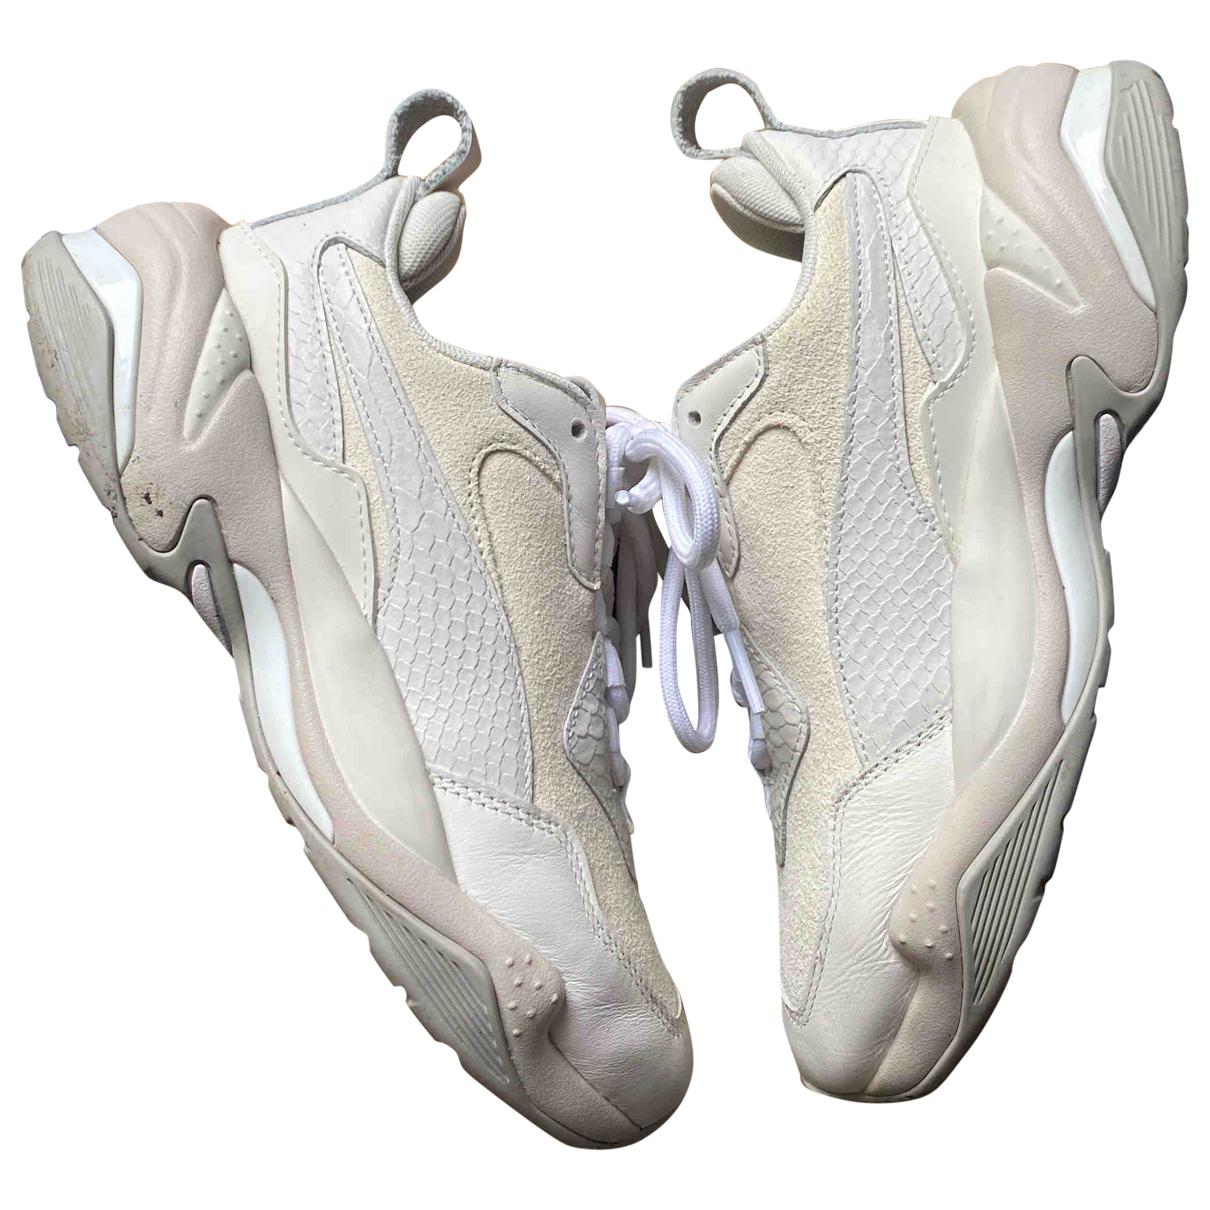 Puma - Baskets   pour femme en cuir - beige